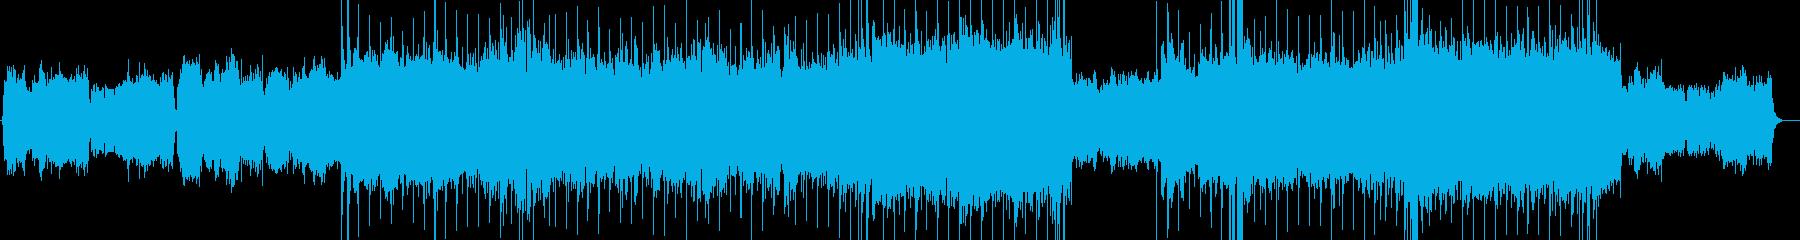 感動的ストリングス ハードロックバラードの再生済みの波形